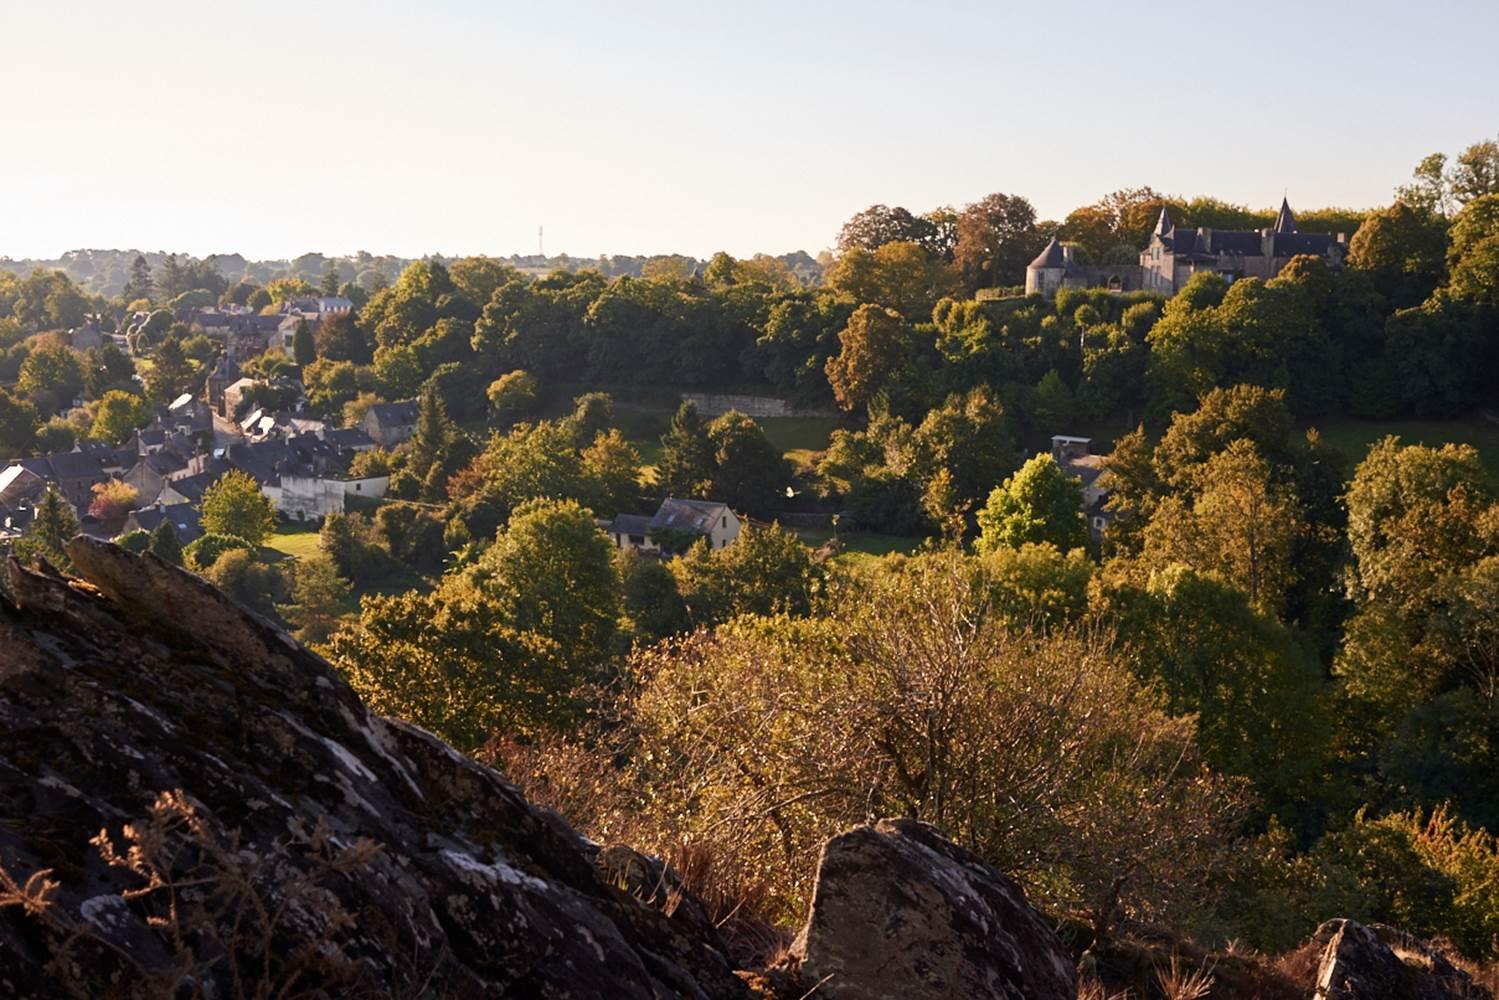 Vue sur le château de Rochefort-en-Terre circuit Les Palis Pluherlin © Rudy Burbant